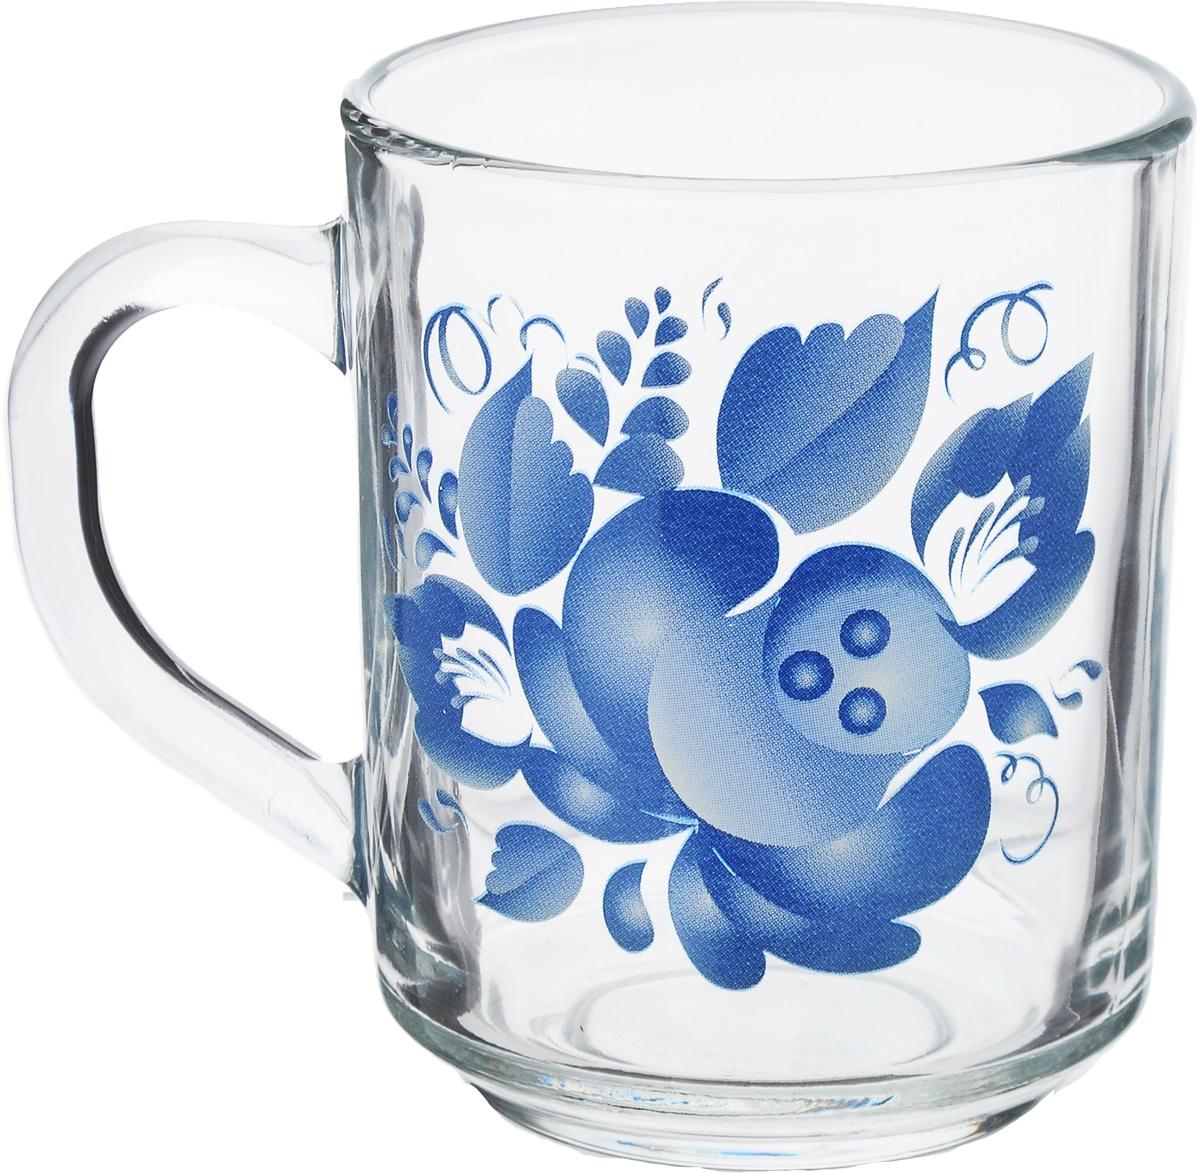 Кружка Green Tea Русские узоры, цвет: прозрачный, синий, 200 мл07c1335 ДЗ Узоры 1Кружка Green Tea Русские узоры, выполненная из высококачественного стекла, украшена цветочным узором. Изделие станет отличным дополнением к сервировке семейного стола и замечательным подарком для ваших родных и друзей. Диаметр кружки (по верхнему краю): 7 см. Высота кружки: 9 см.